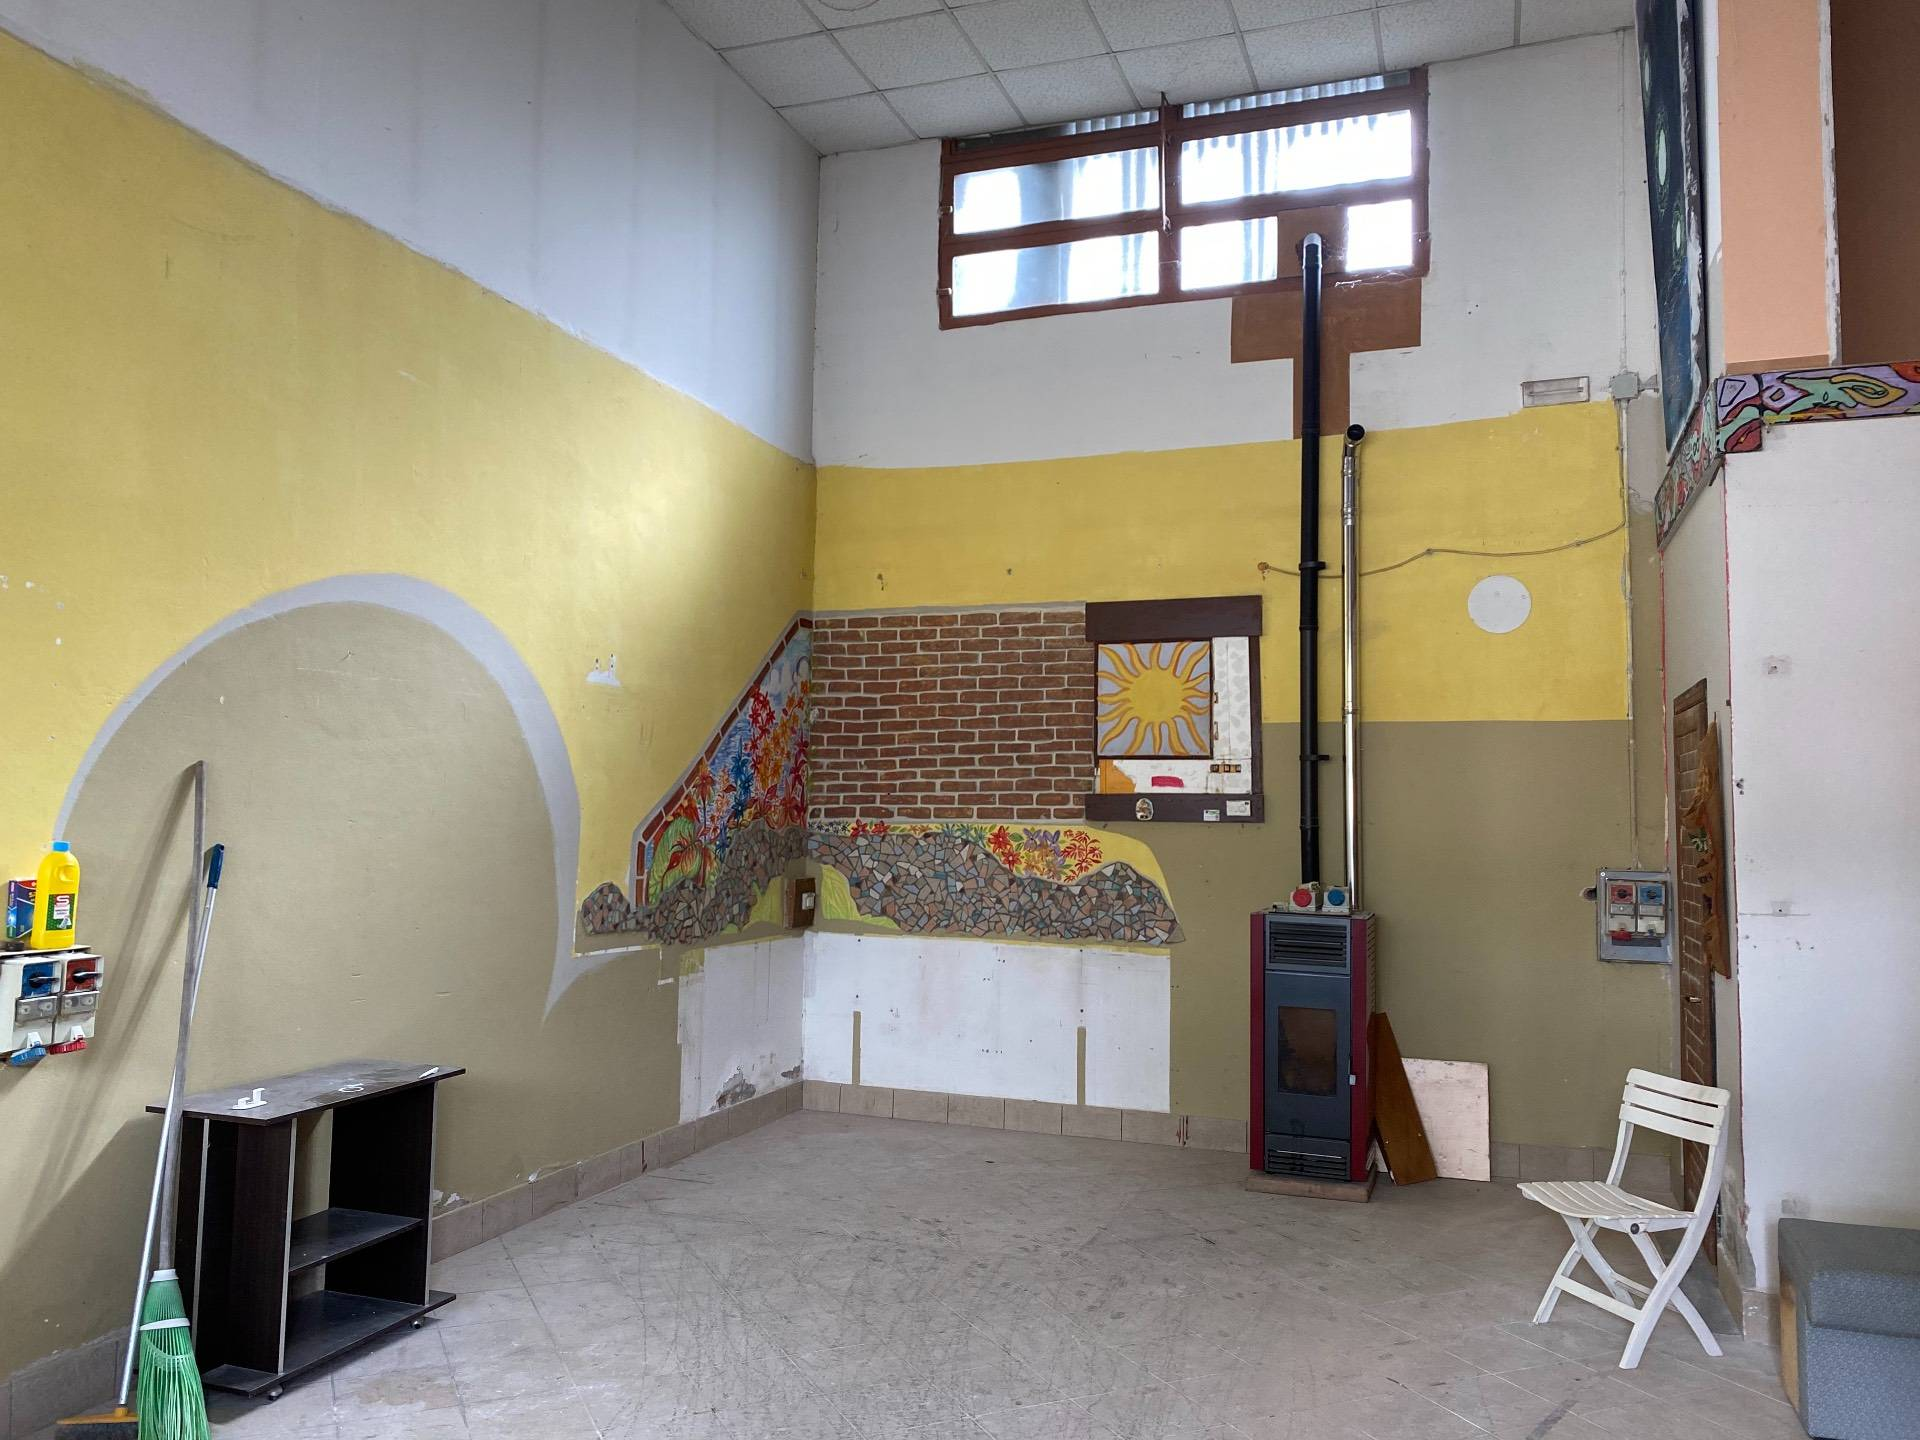 Attività / Licenza in affitto a Cervia - Milano Marittima, 9999 locali, zona Località: CerviaCentro, prezzo € 600 | CambioCasa.it